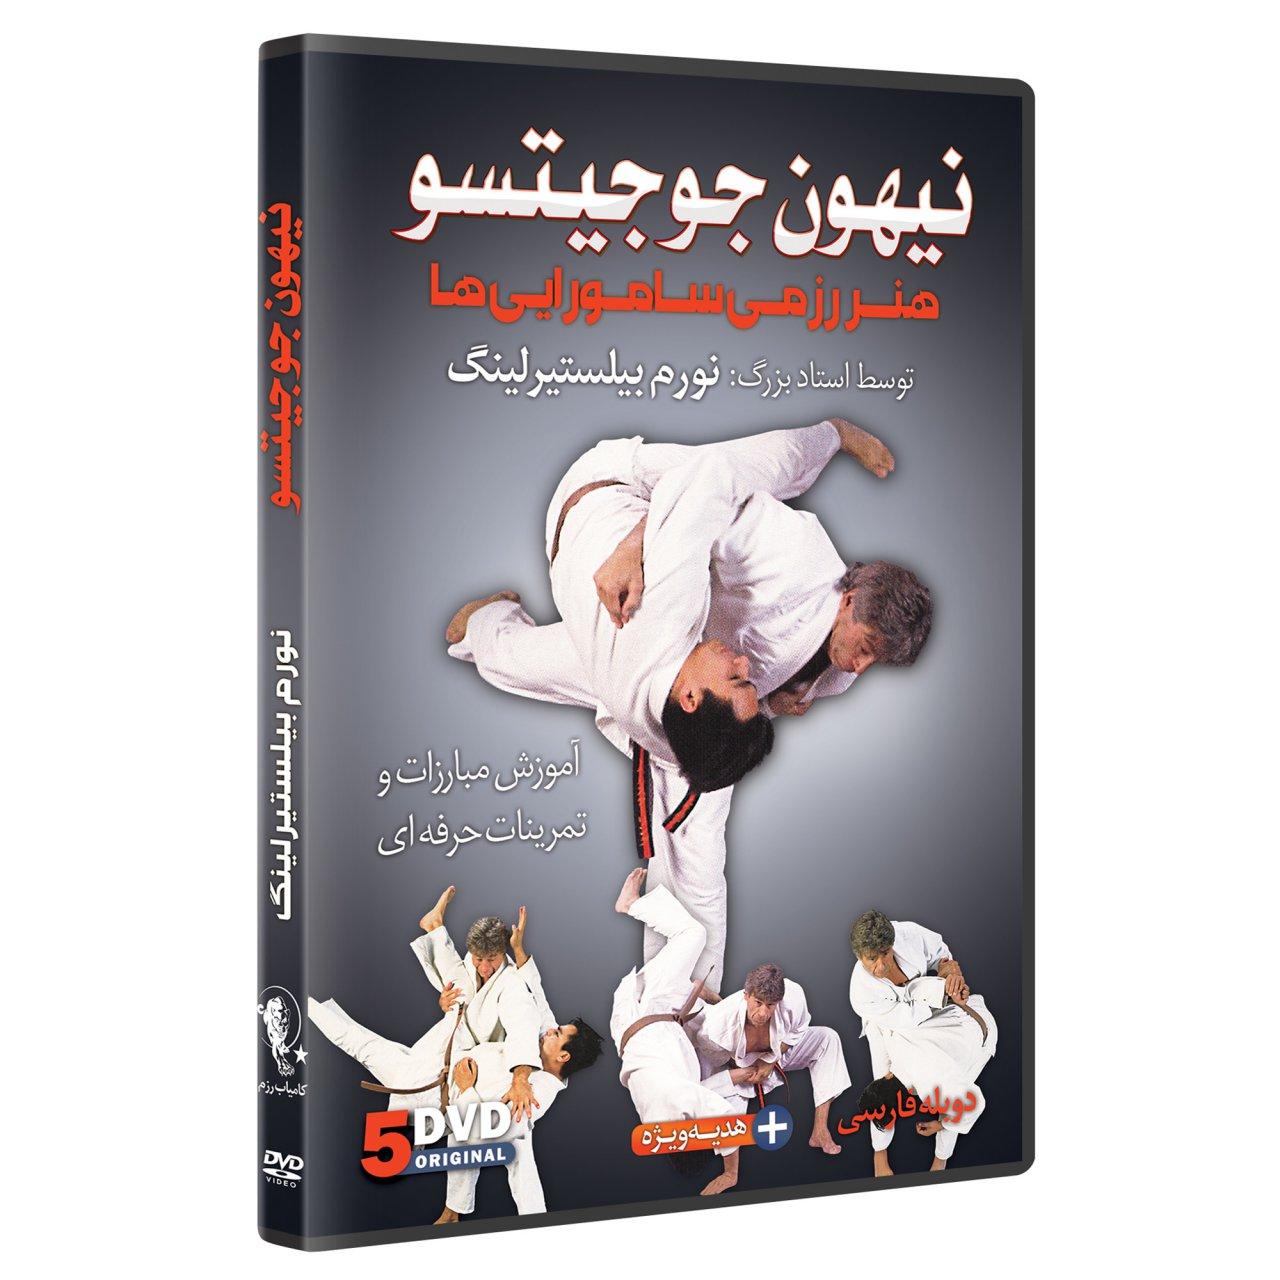 مجموعه آموزشی نیهون جوجیتسو هنر رزمی سامورایی ها 5 حلقه DVD